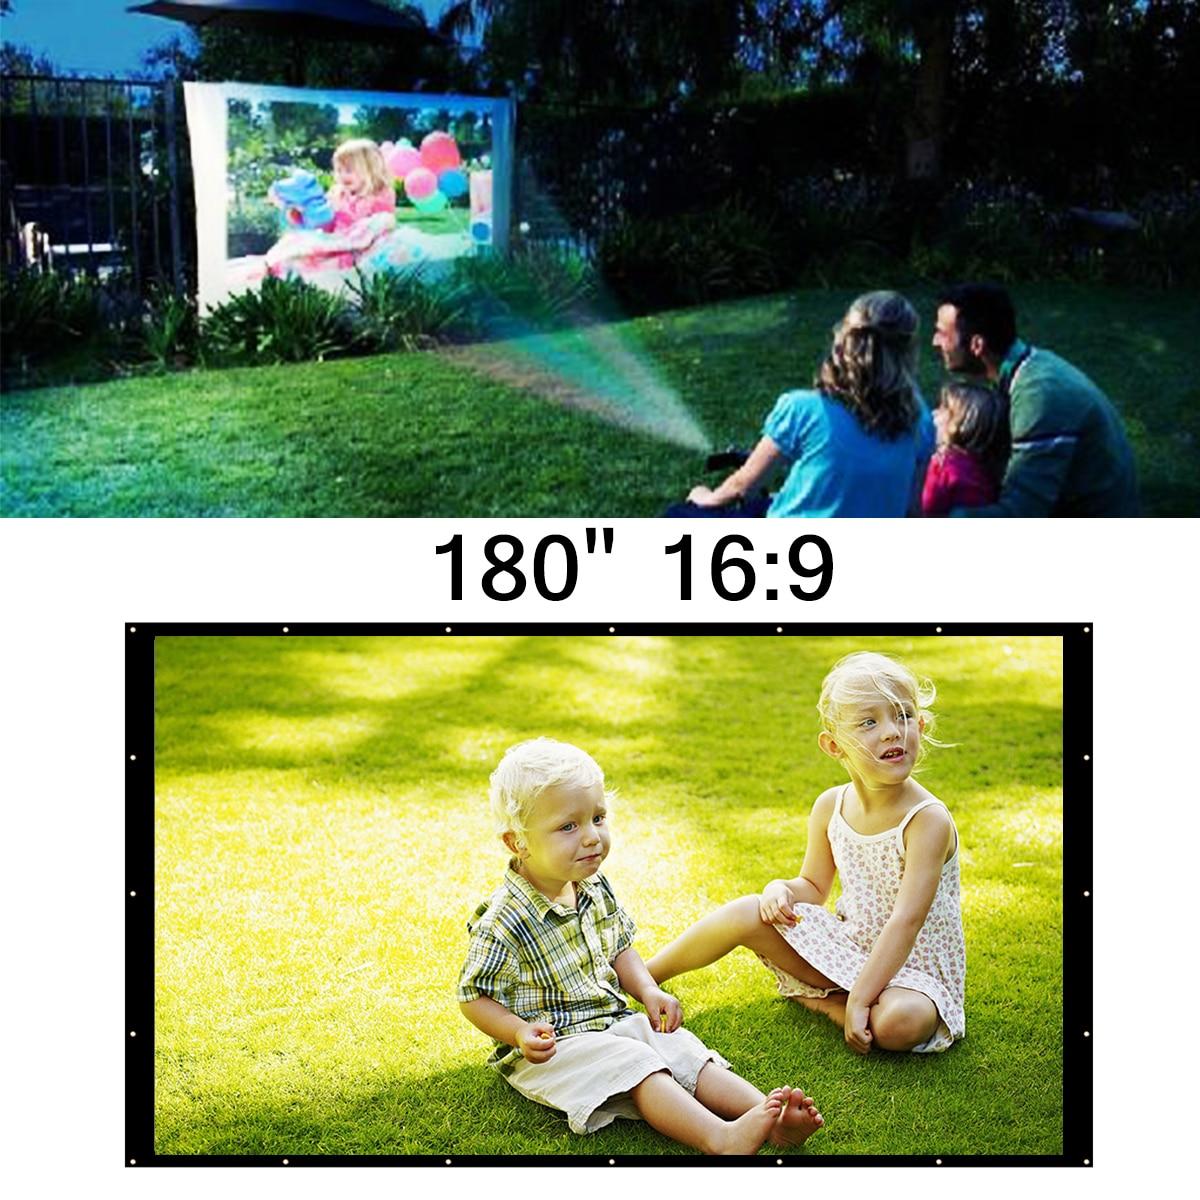 16:9 дюймов 180 дюймов портативный белый проектор экран Домашний кинотеатр Открытый путешествия кино складной Roll Up защита проектор экран